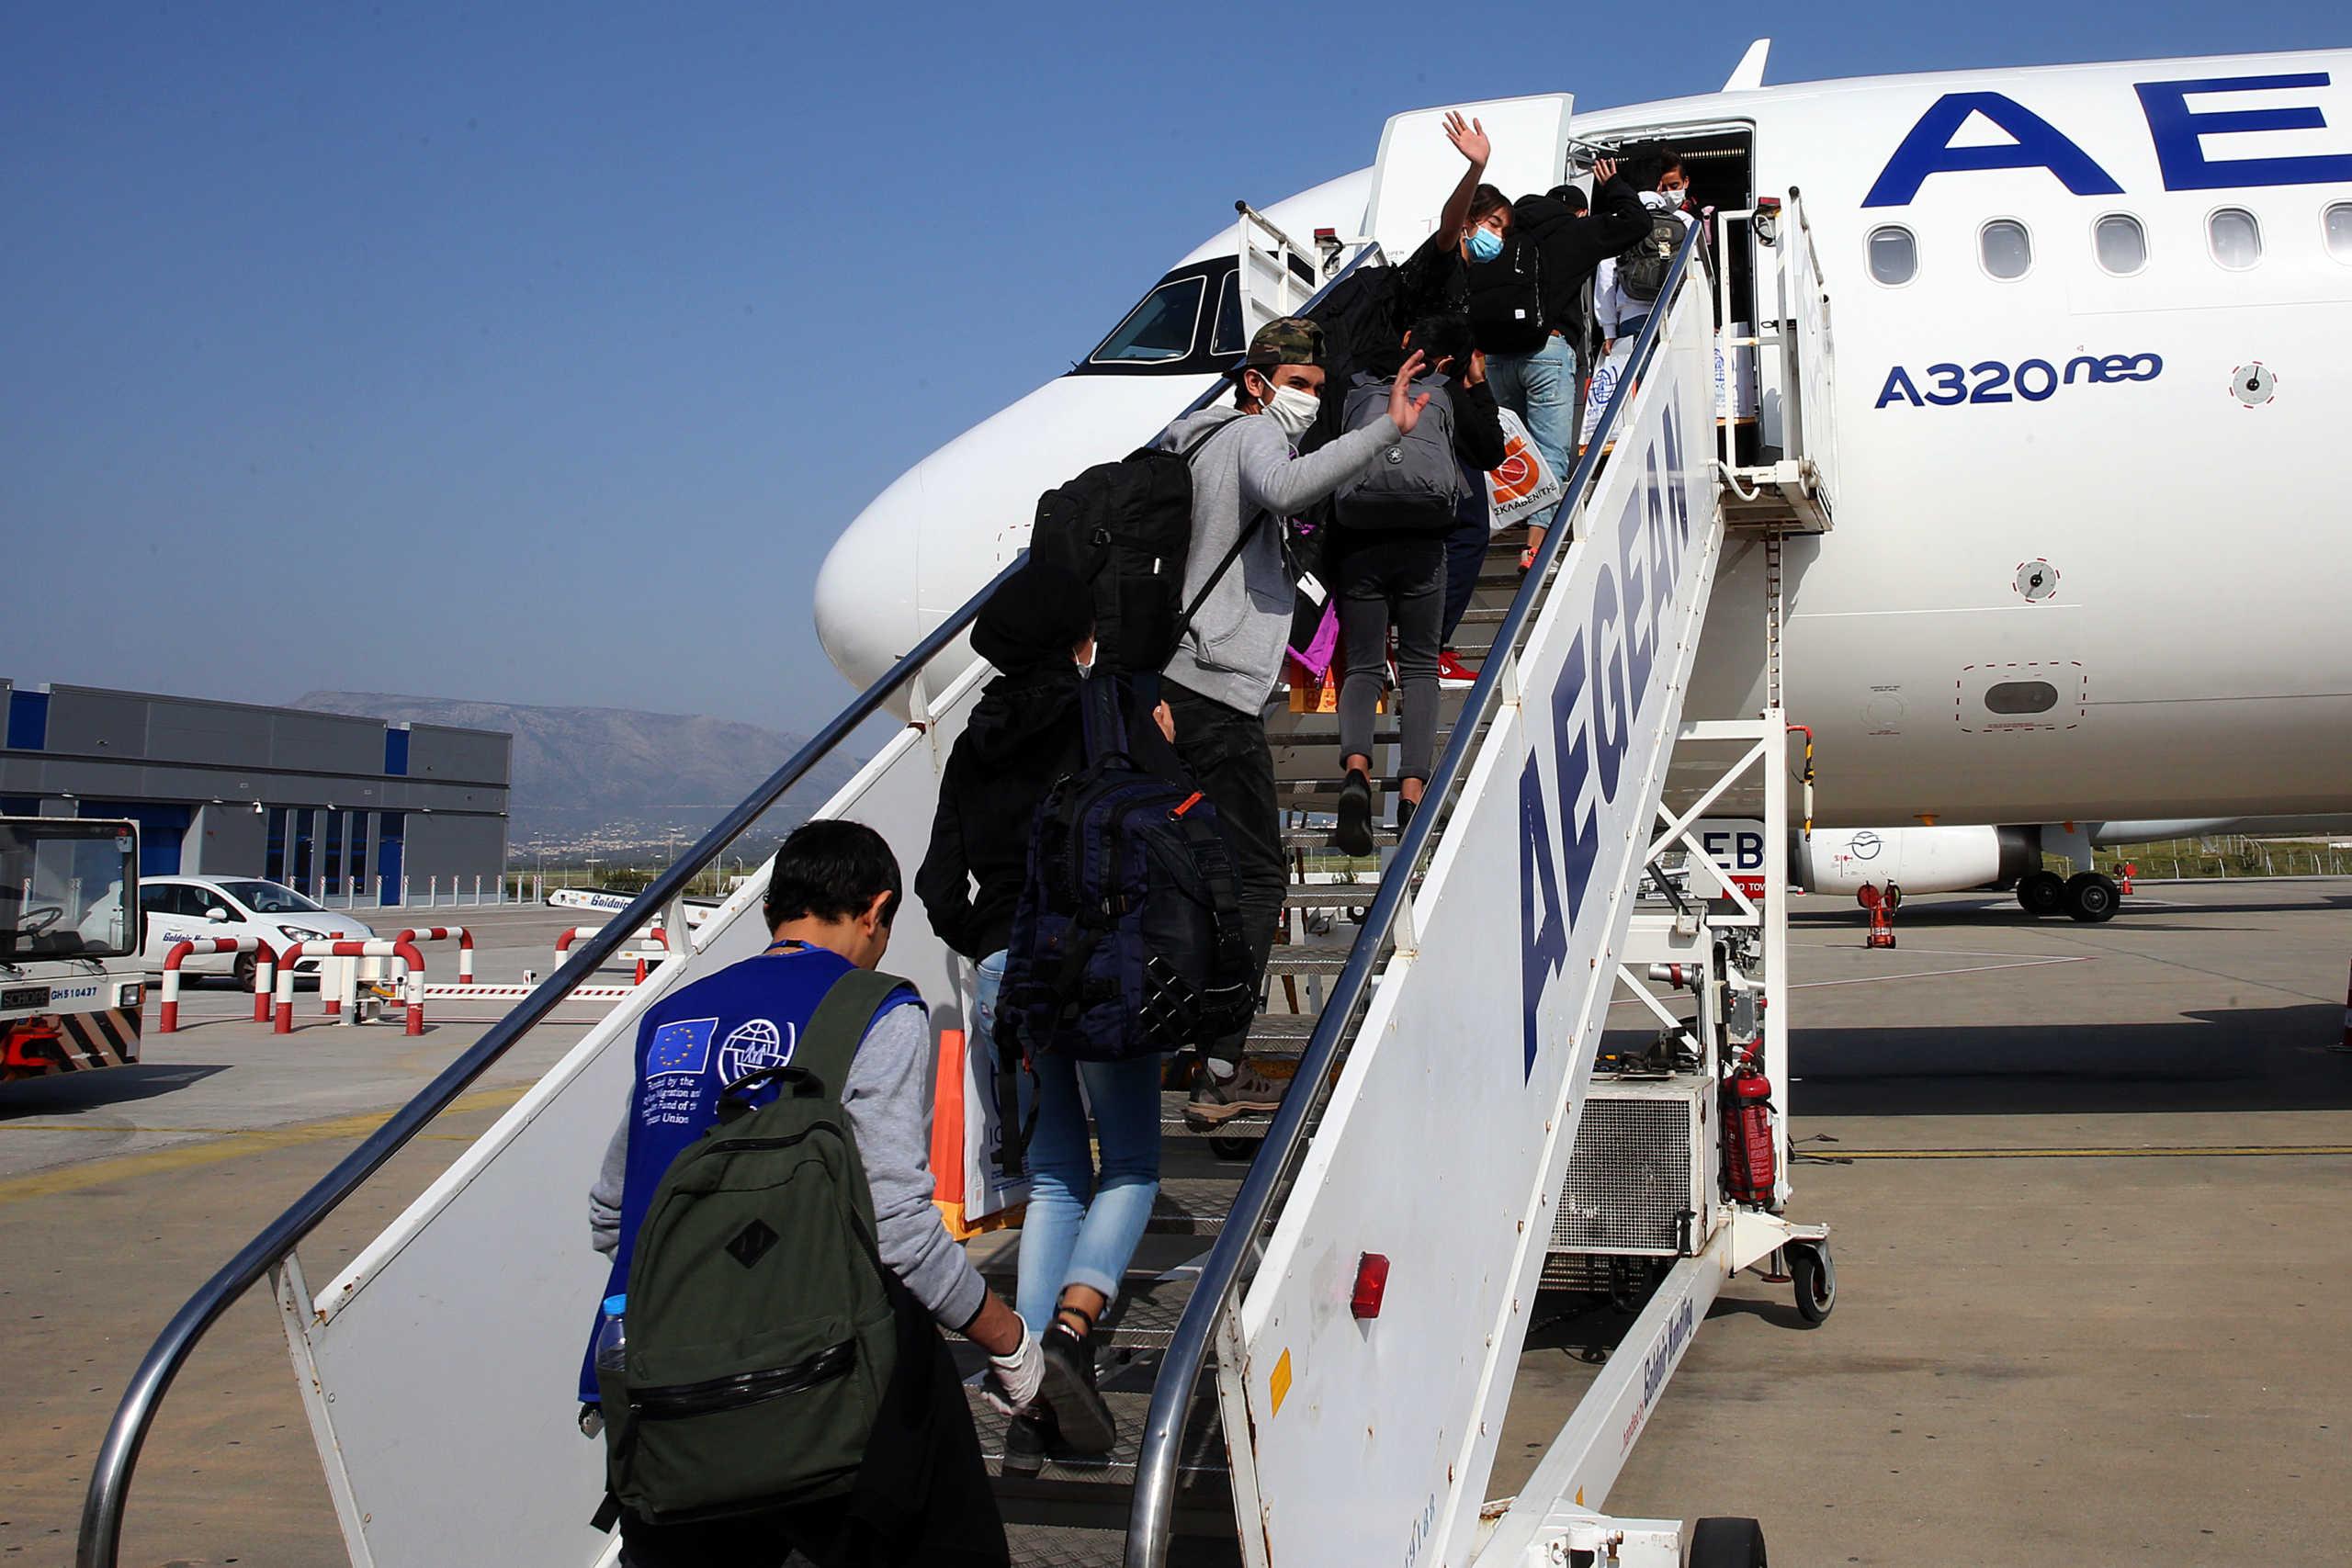 Αποχαιρέτησαν την Ελλάδα 12 ασυνόδευτα προσφυγόπουλα – Πέταξαν για Λουξεμβούργο